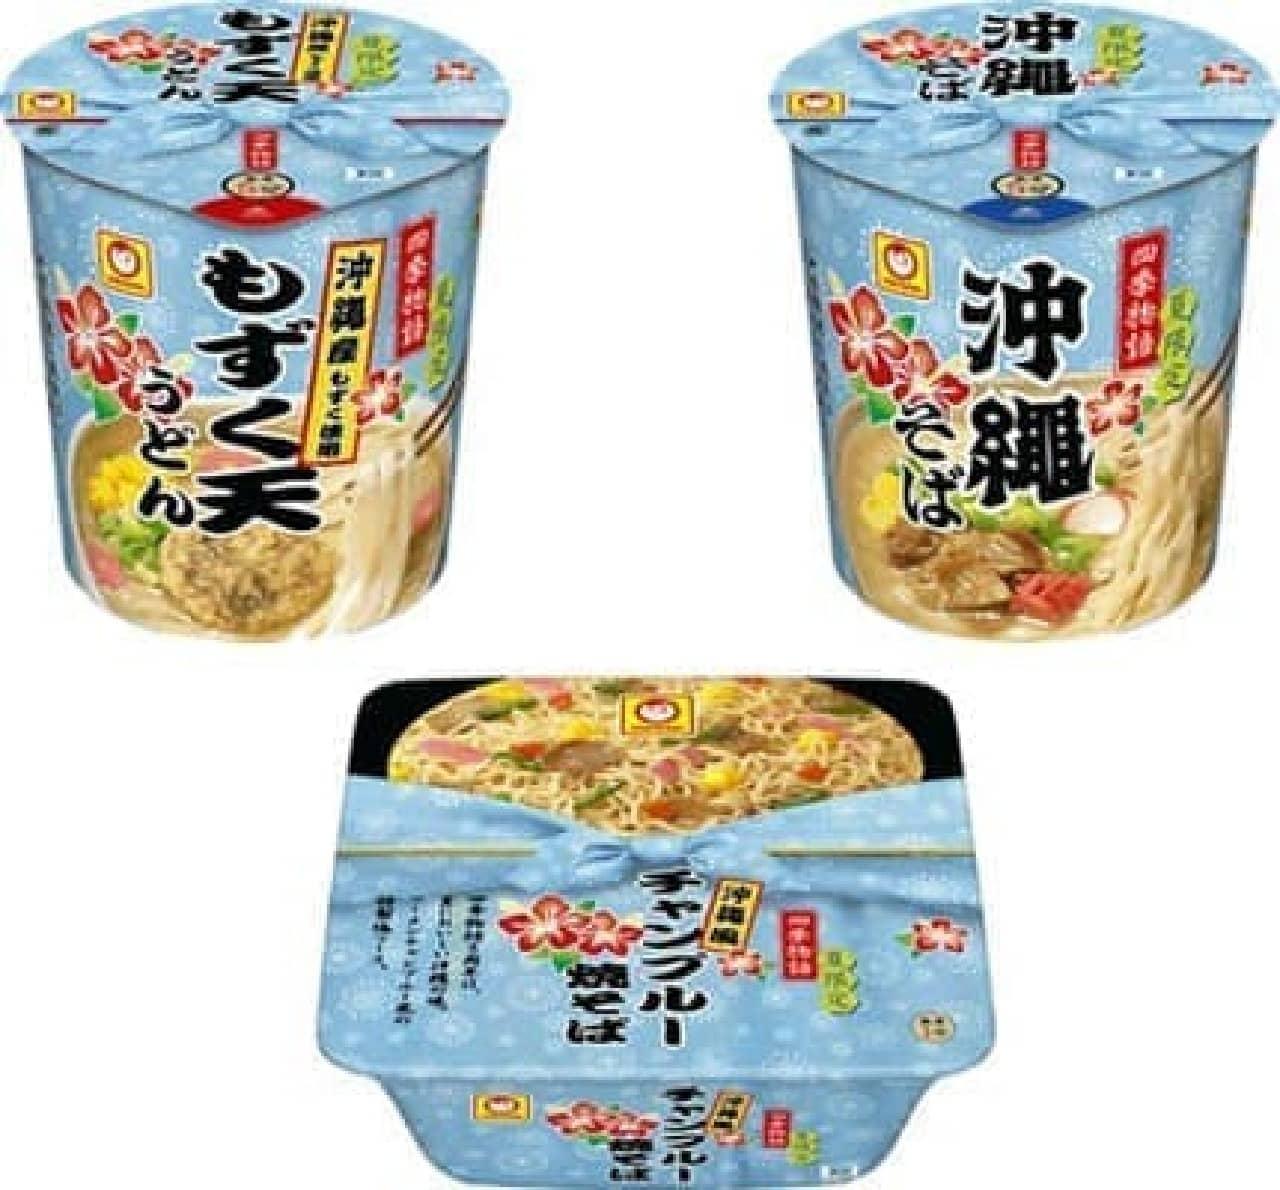 夏限定・沖縄がテーマのカップ麺が登場!